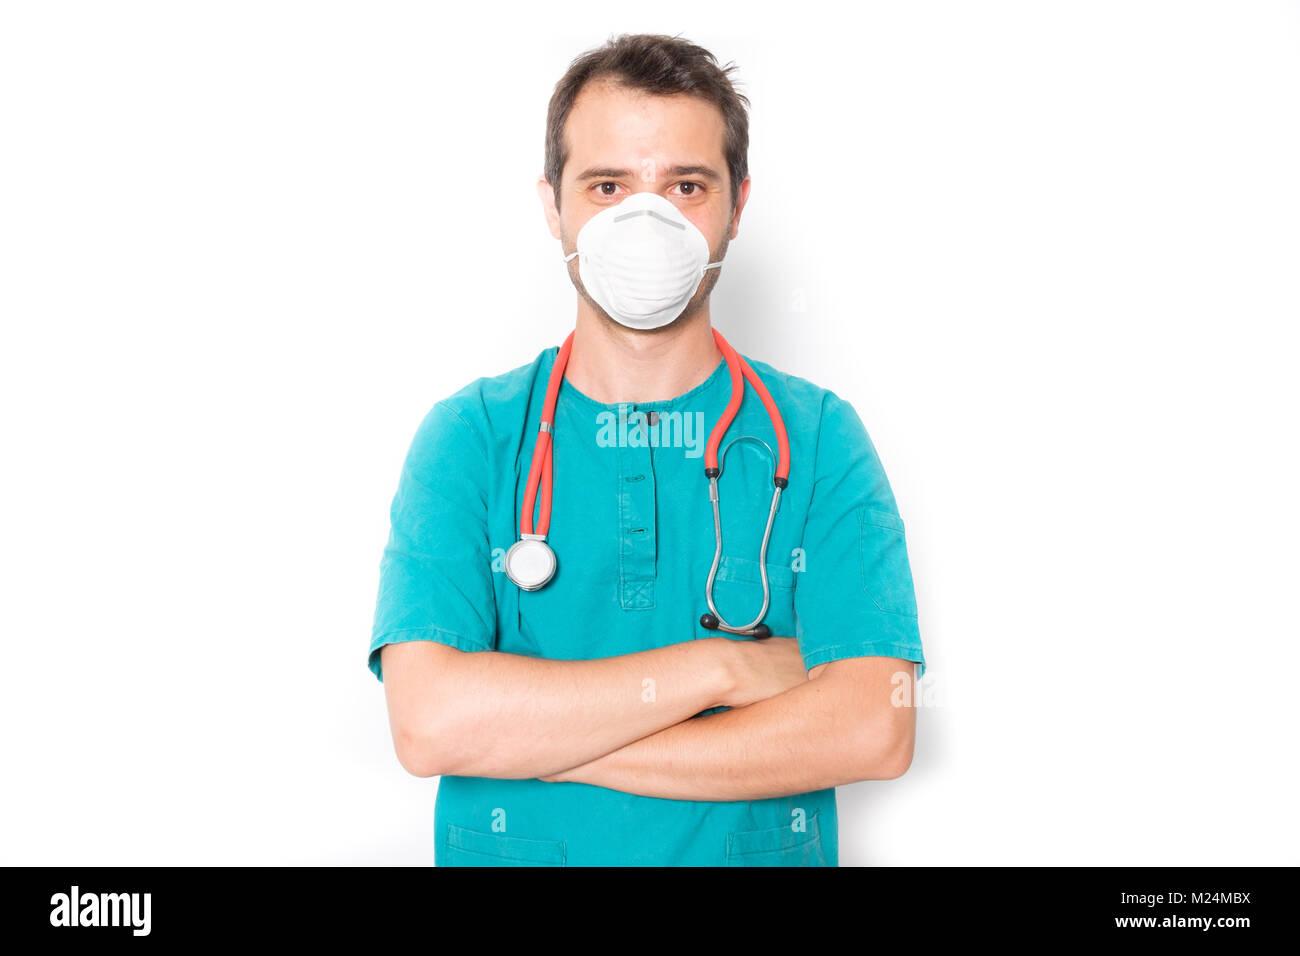 Chirurg Arzt mit einer Maske, um eine Infektion zu verhindern Stockbild